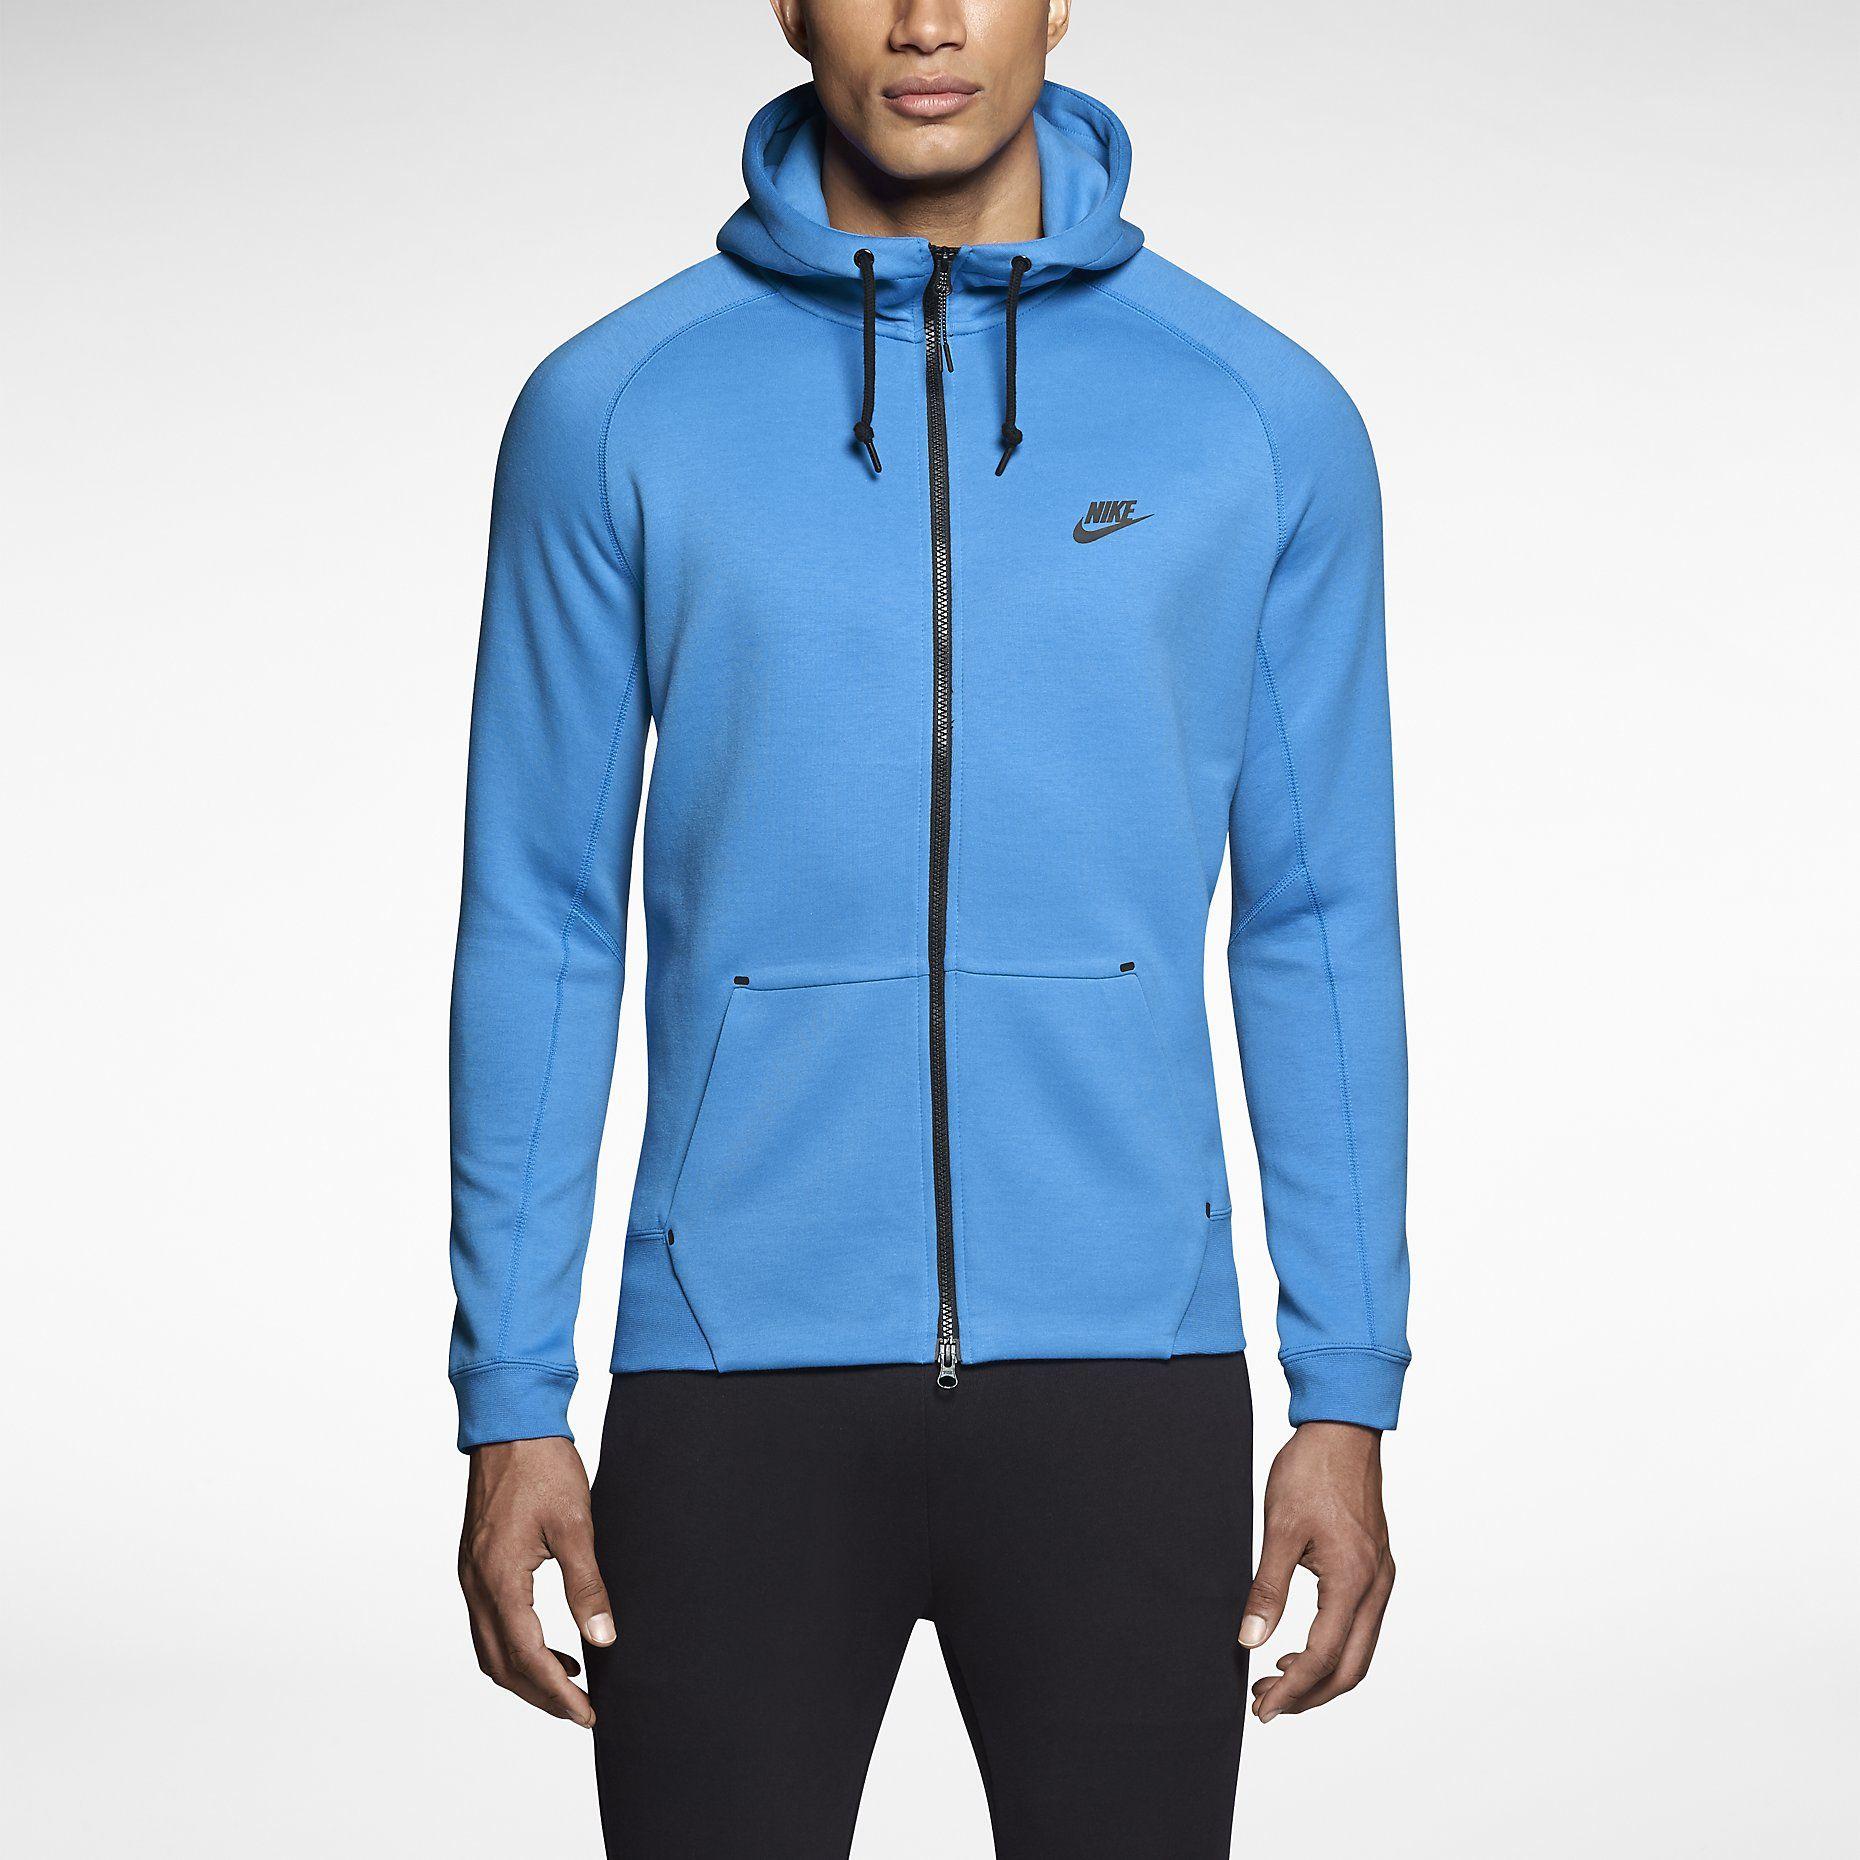 Tech Fleece Crew Sweatshirt Black Black Sweatshirts Nike Tech Fleece Sweatshirts [ 1400 x 1000 Pixel ]